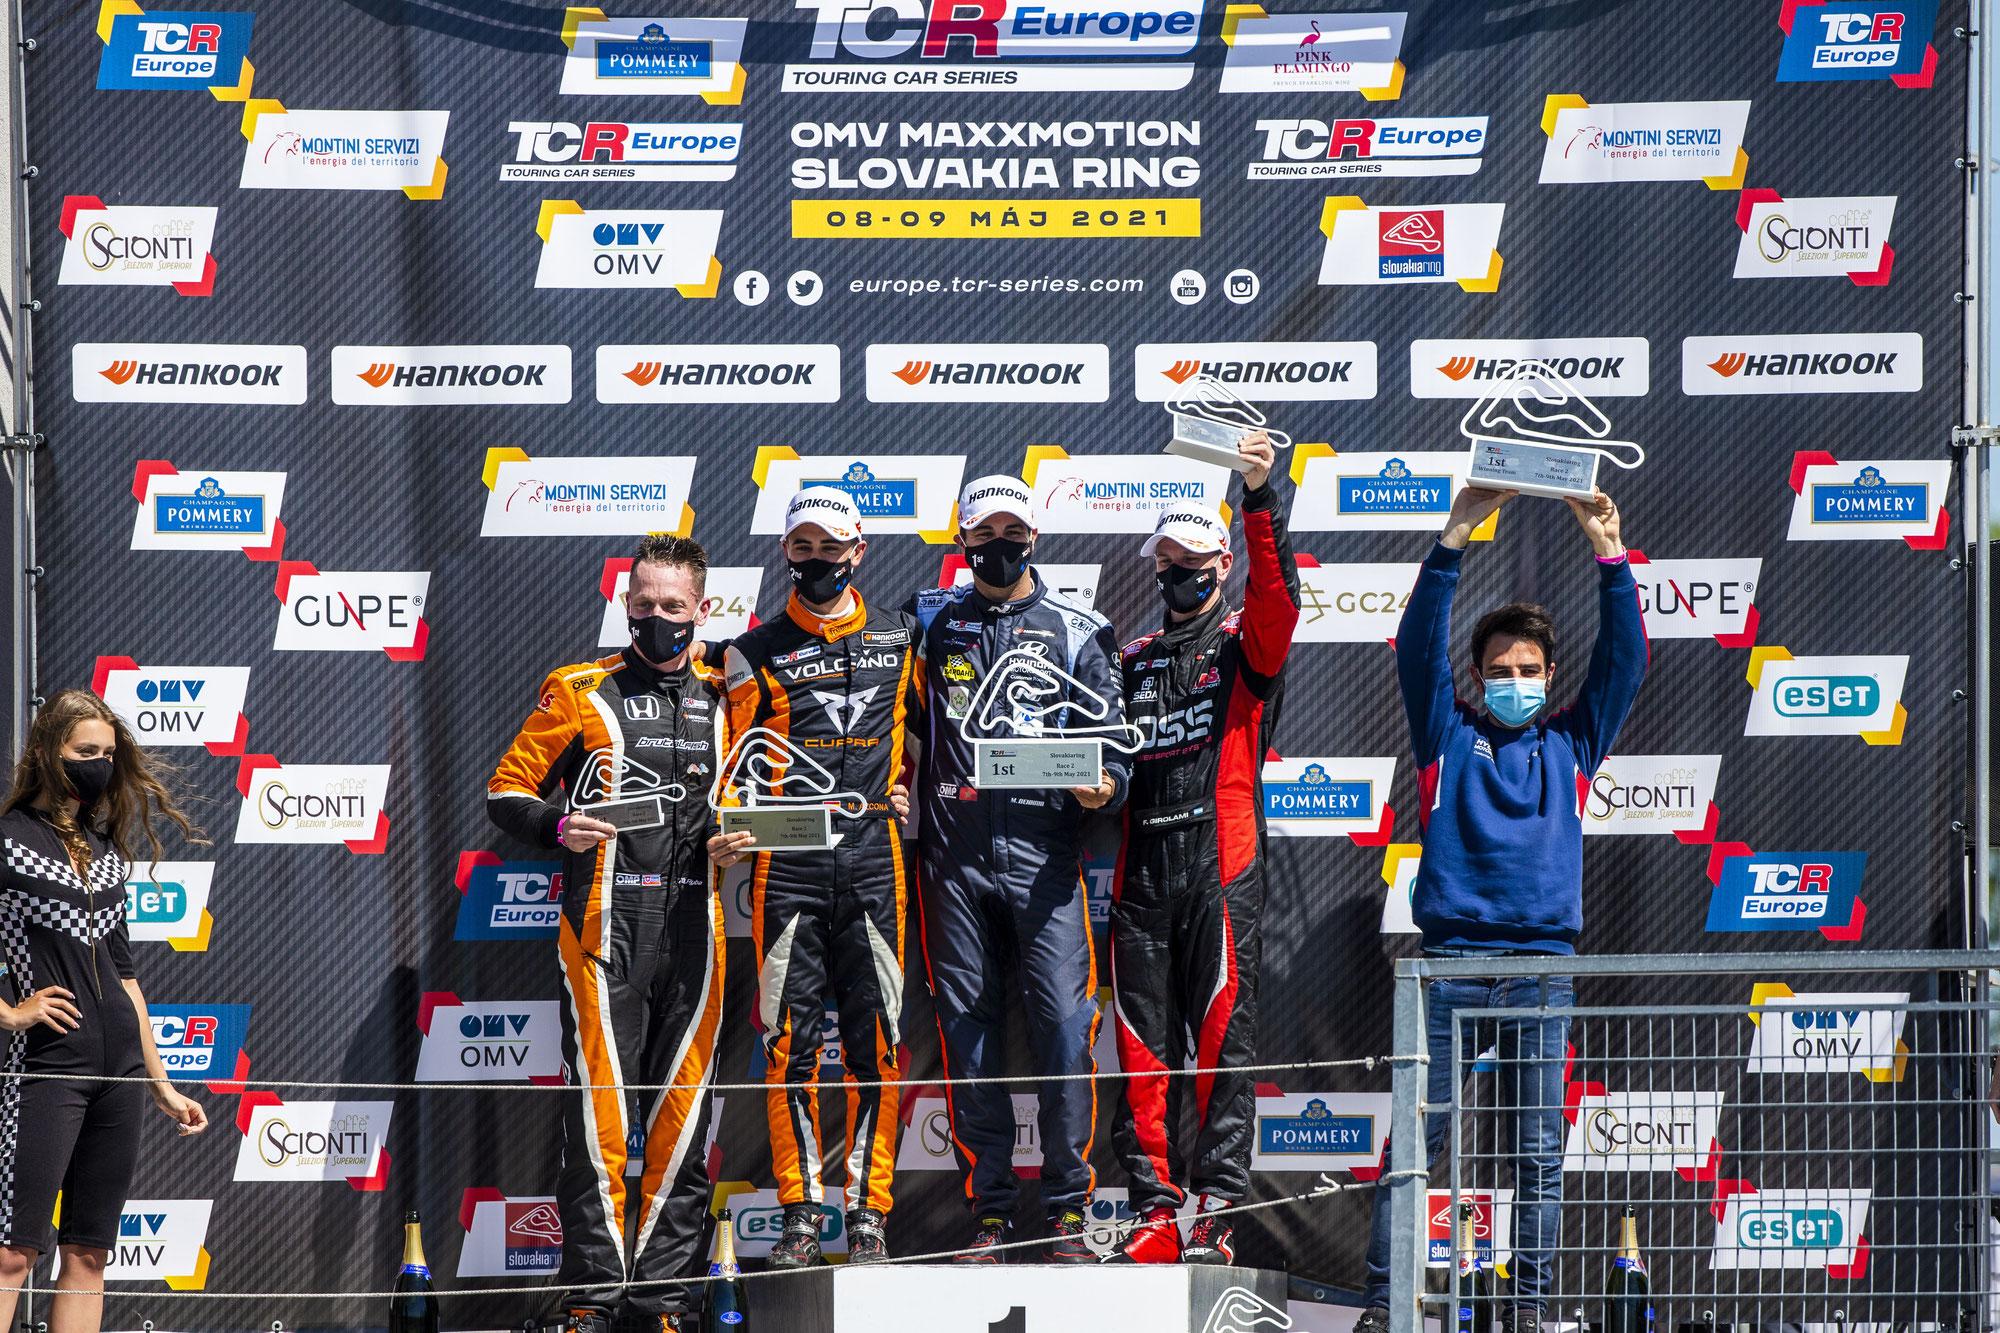 SLOVAKIARING: Fahrerstimmen nach dem zweiten Rennen